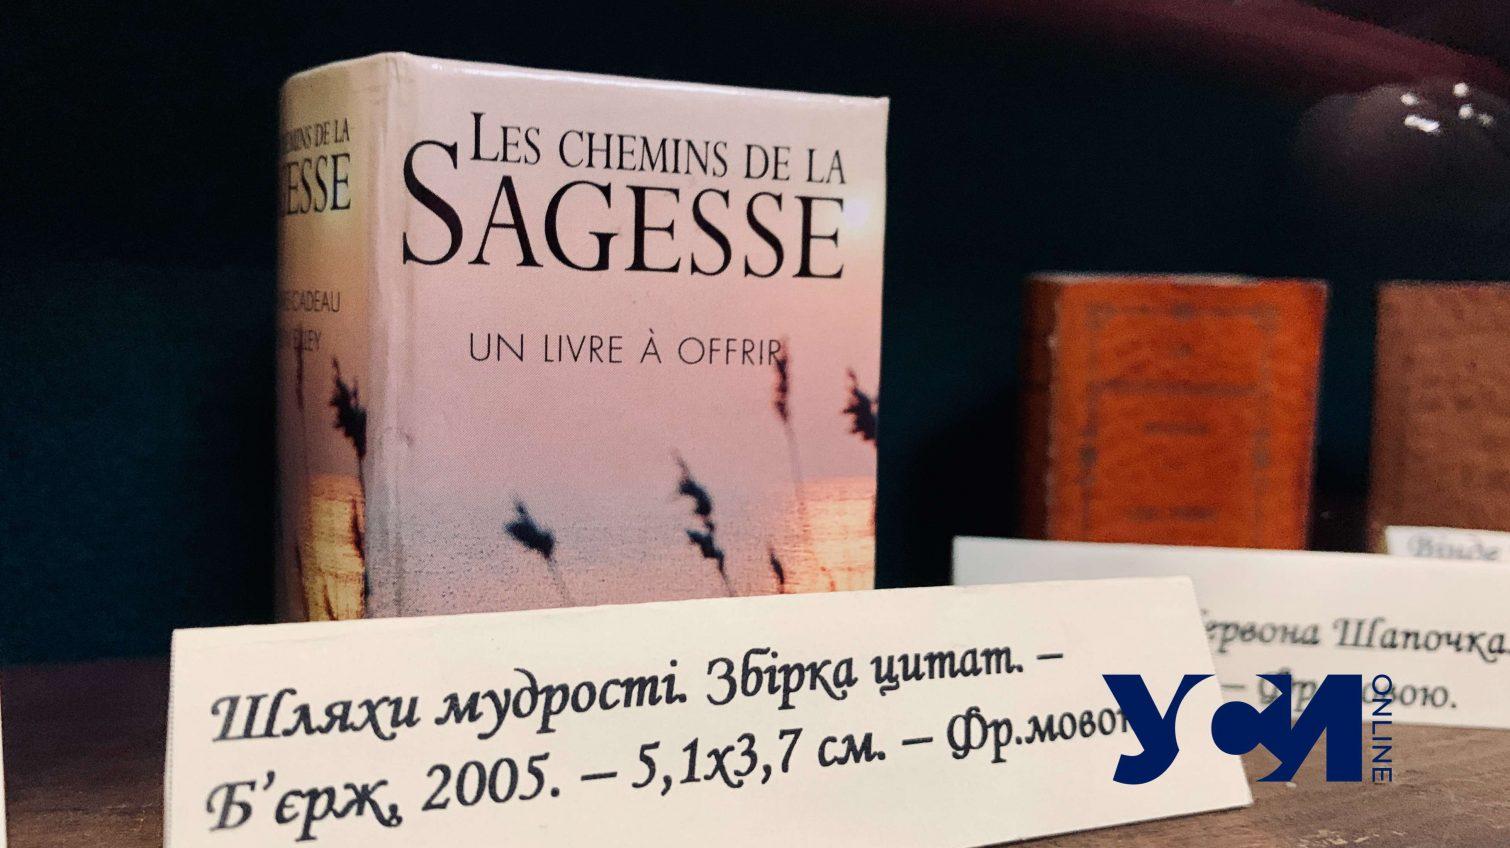 Сборники стихов, Пушкин и словари: в Одессе показали коллекцию миниатюрных книг (фото, аудио) «фото»